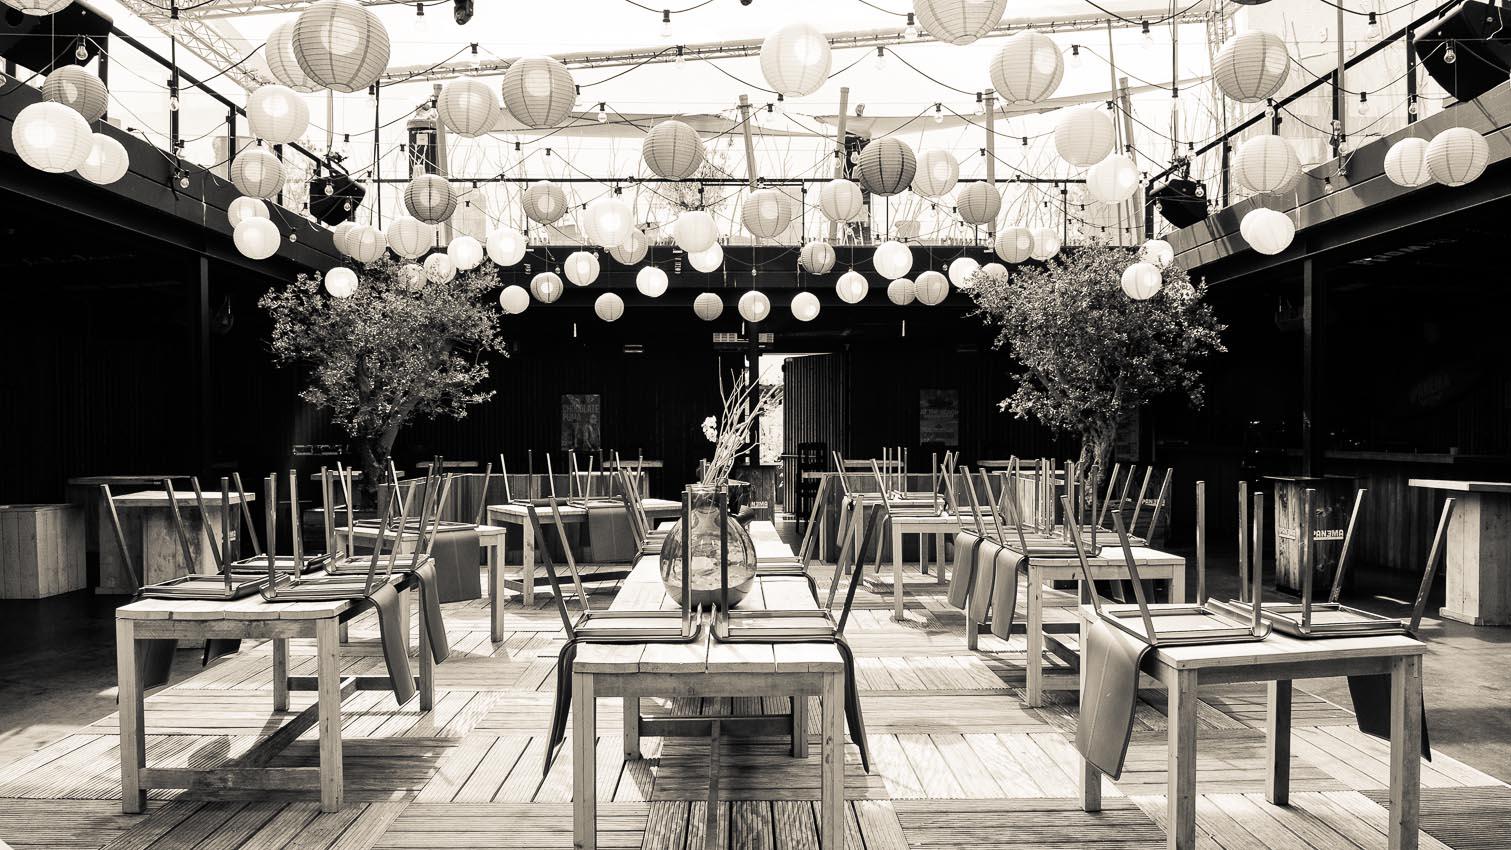 13-cafe-bar-resto-nightclub-decors-film-cinema-photo-belgium-bruxelles